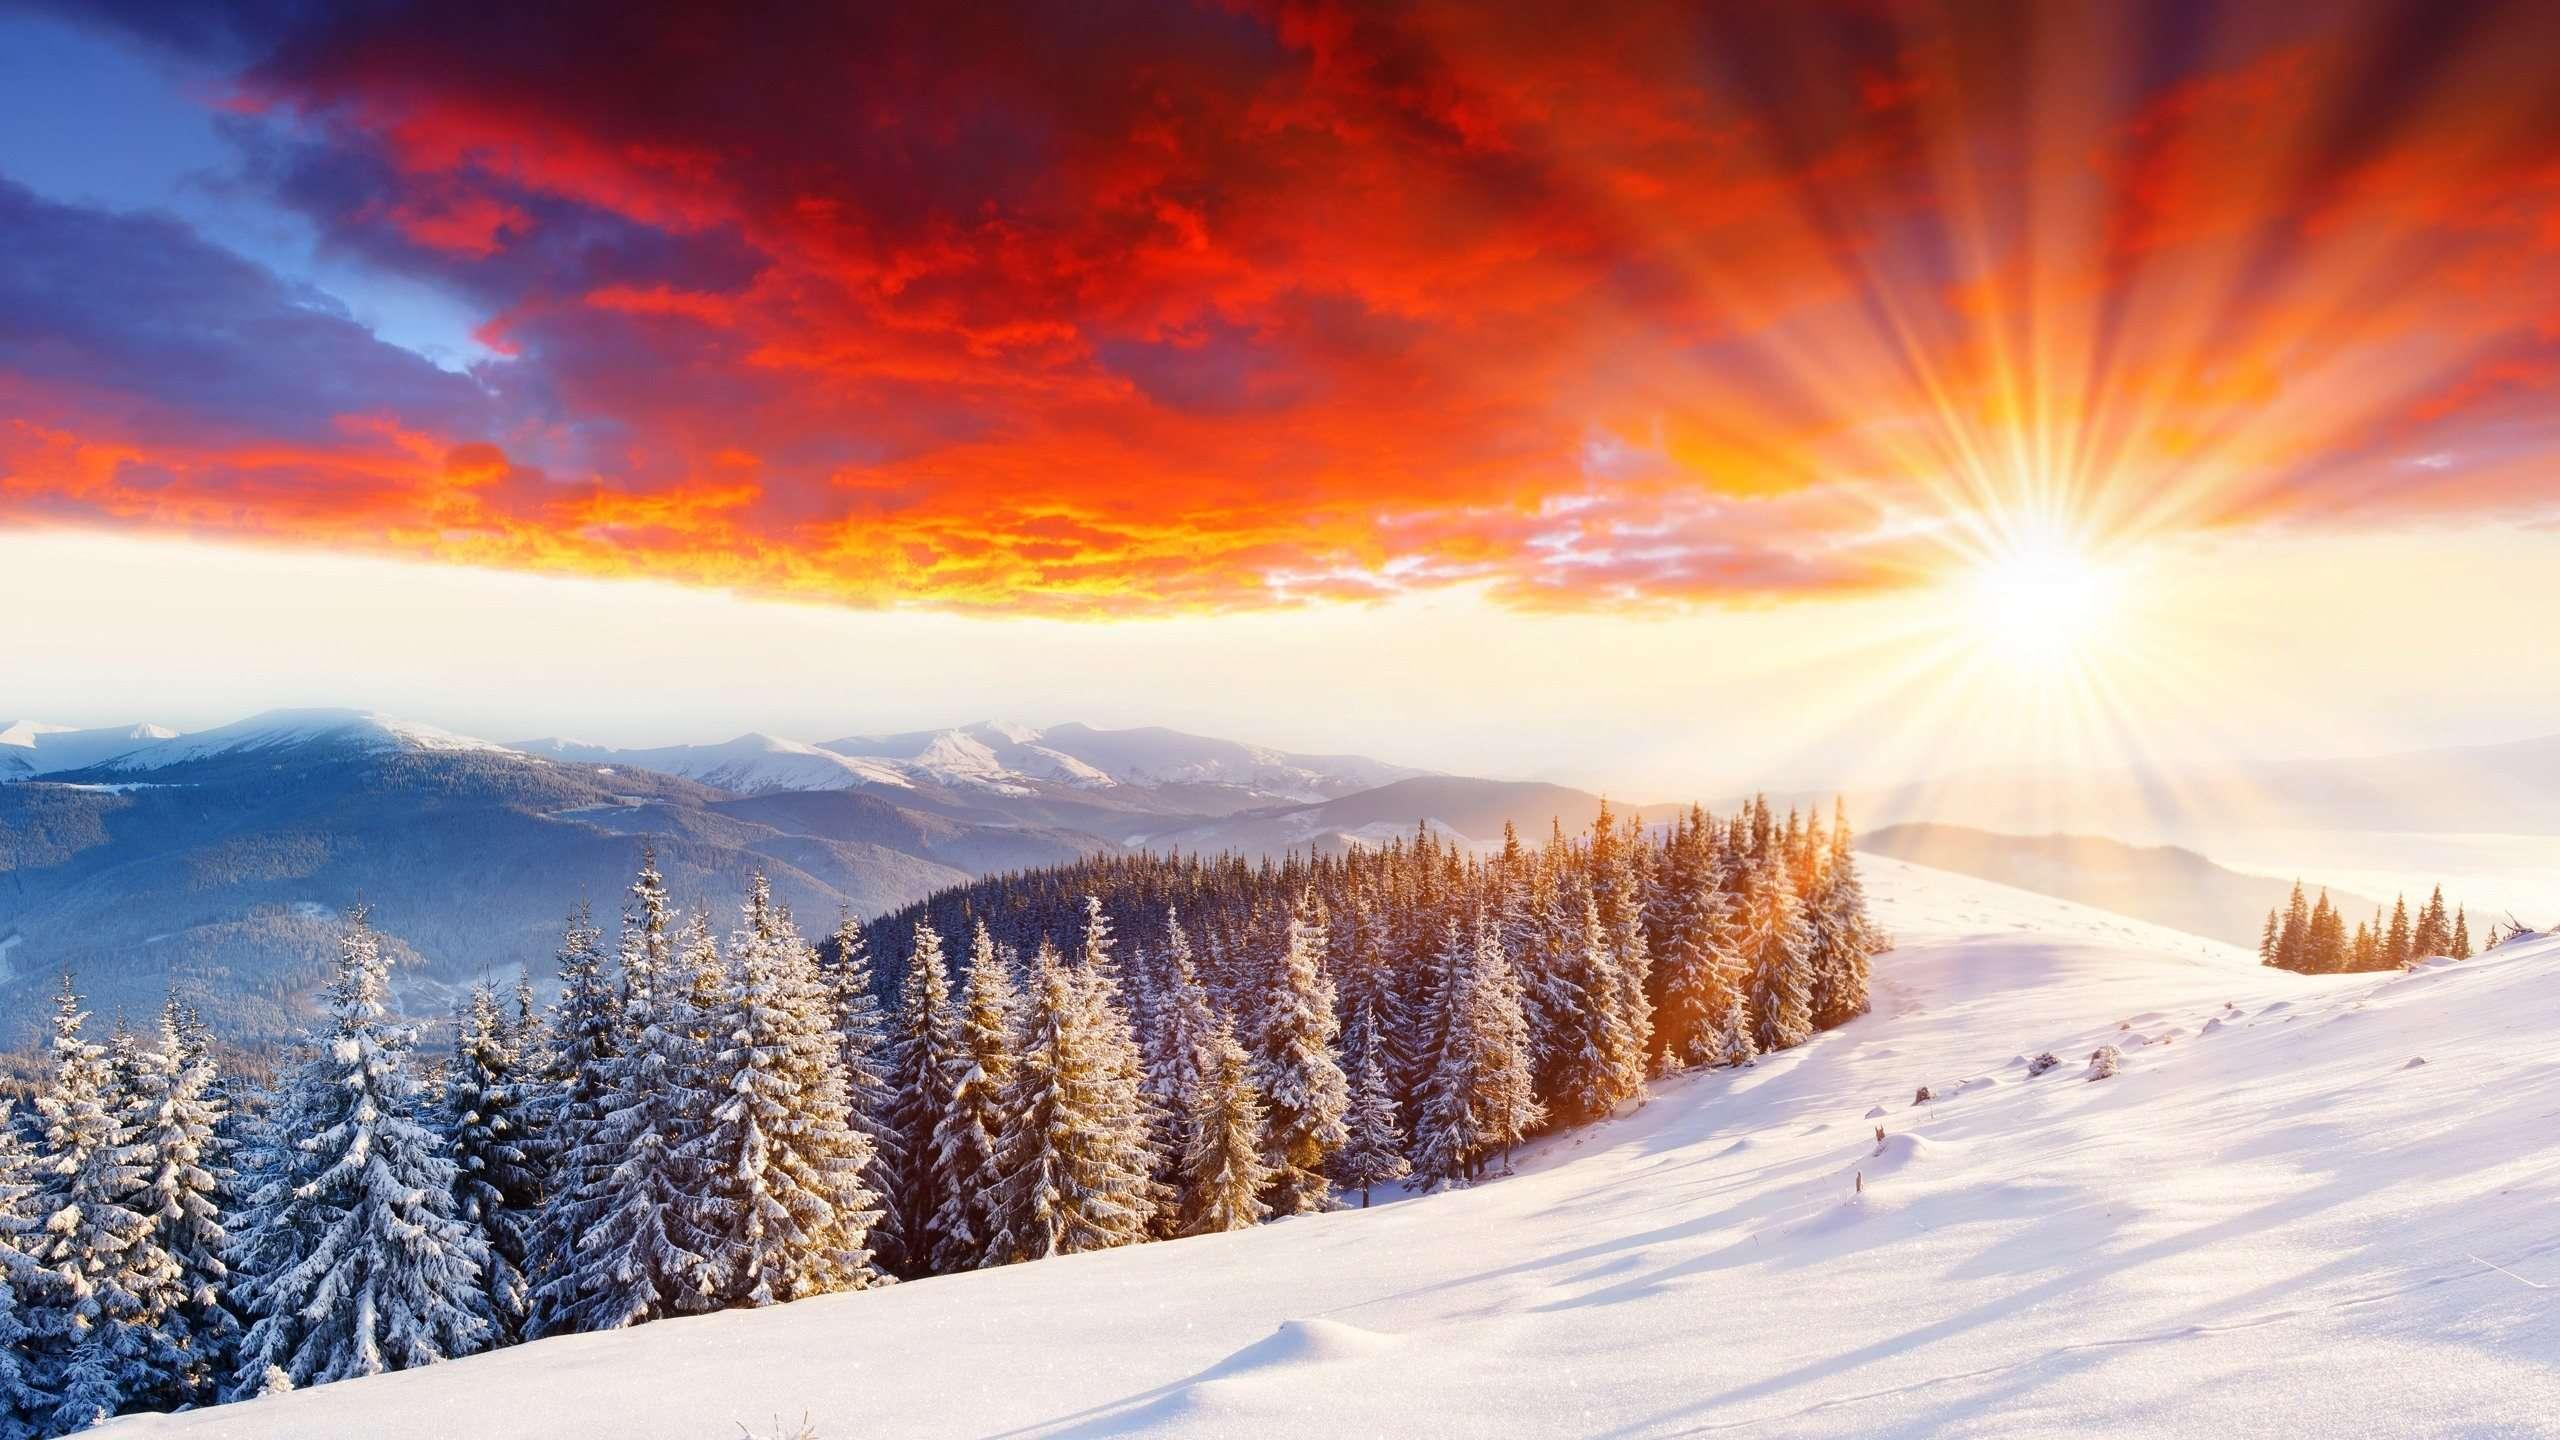 winter scenery sunlight wallpaper 33762